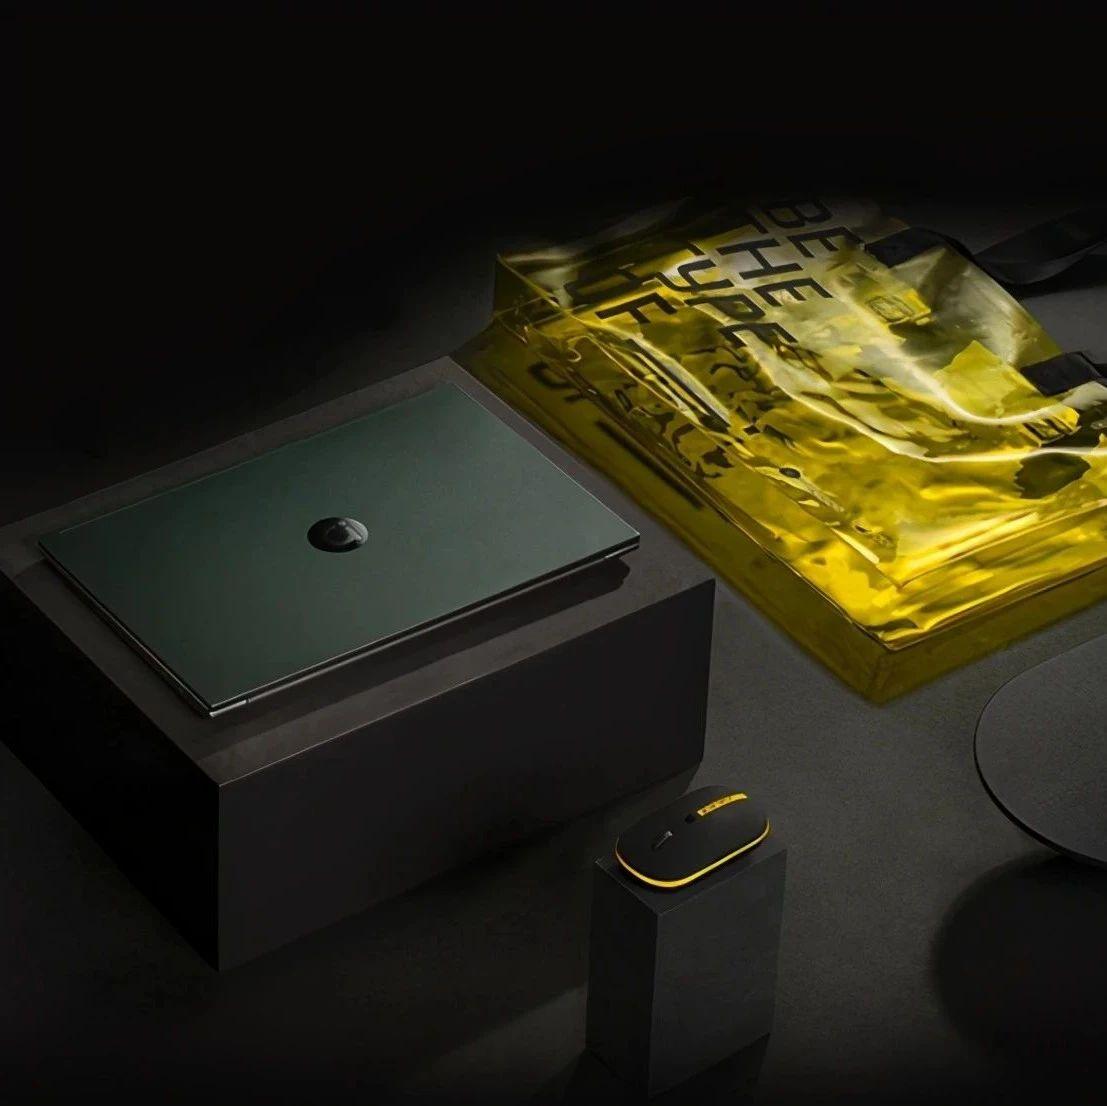 华硕酷睿11代新款笔记本上市,配独显售价4999元